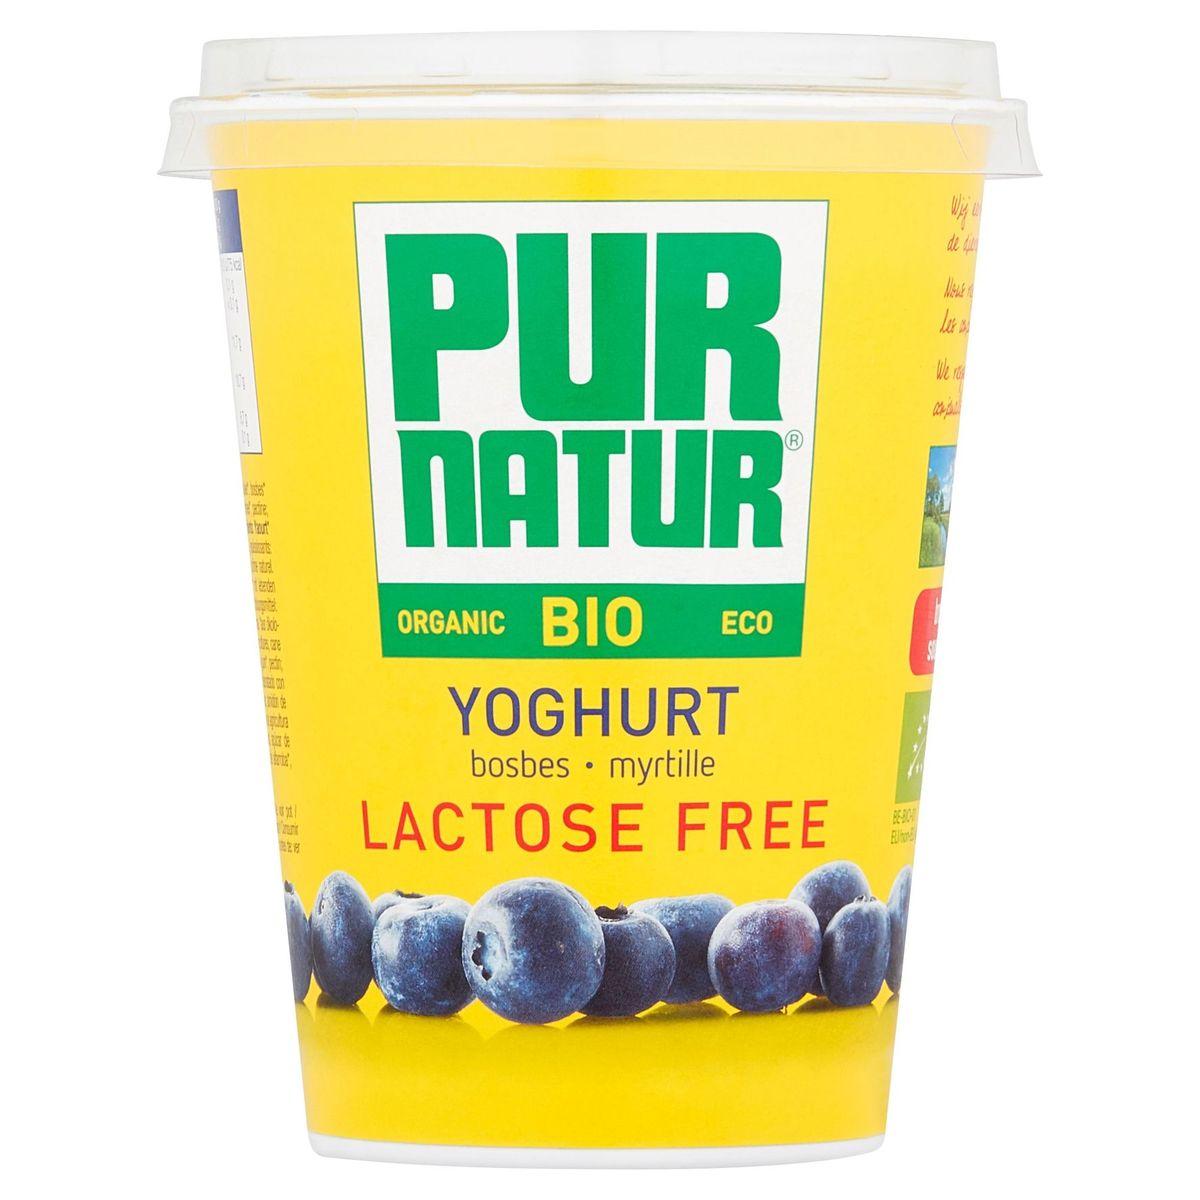 Pur Natur Bio Yoghurt Myrtille Lactose Free 400 g